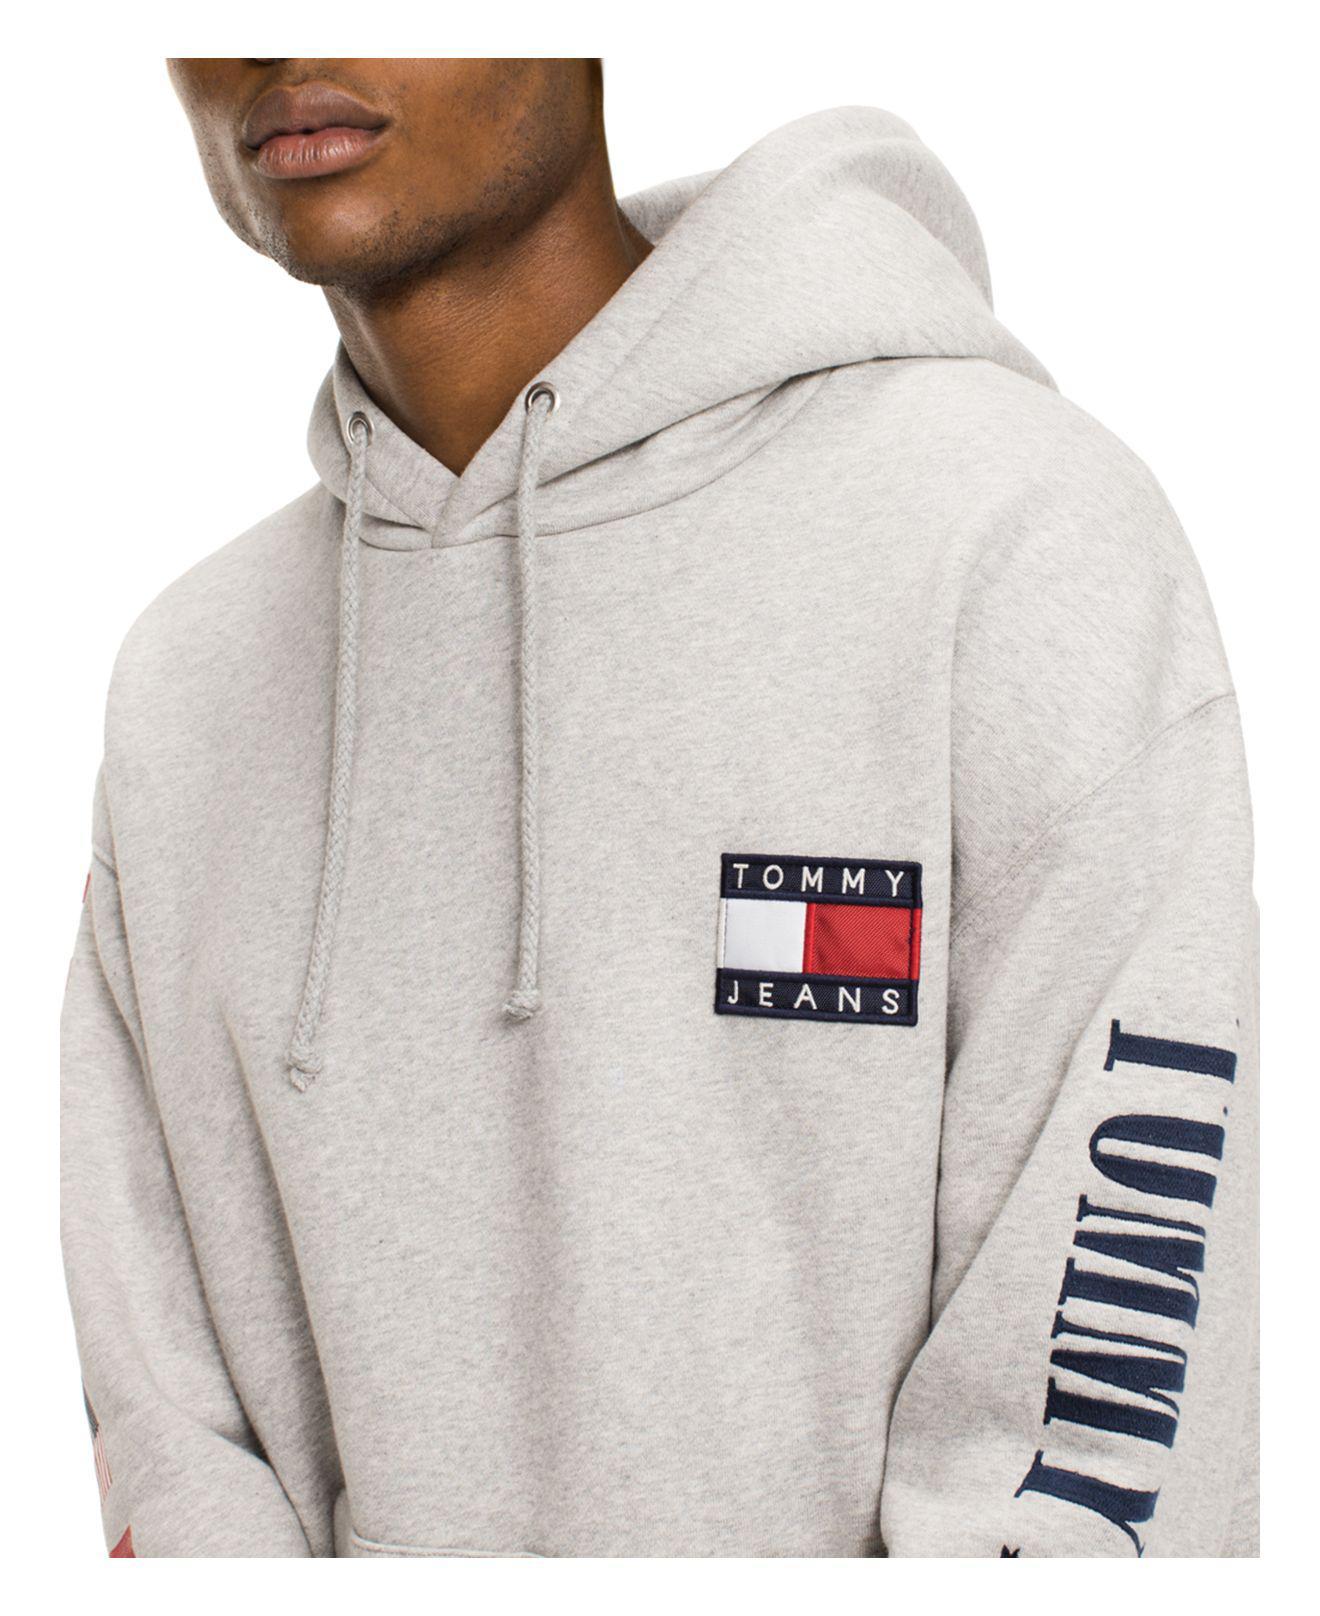 Lyst - Tommy Hilfiger Tommy Jeans 90 s Logo Hooded Sweatshirt in ... d184823bd